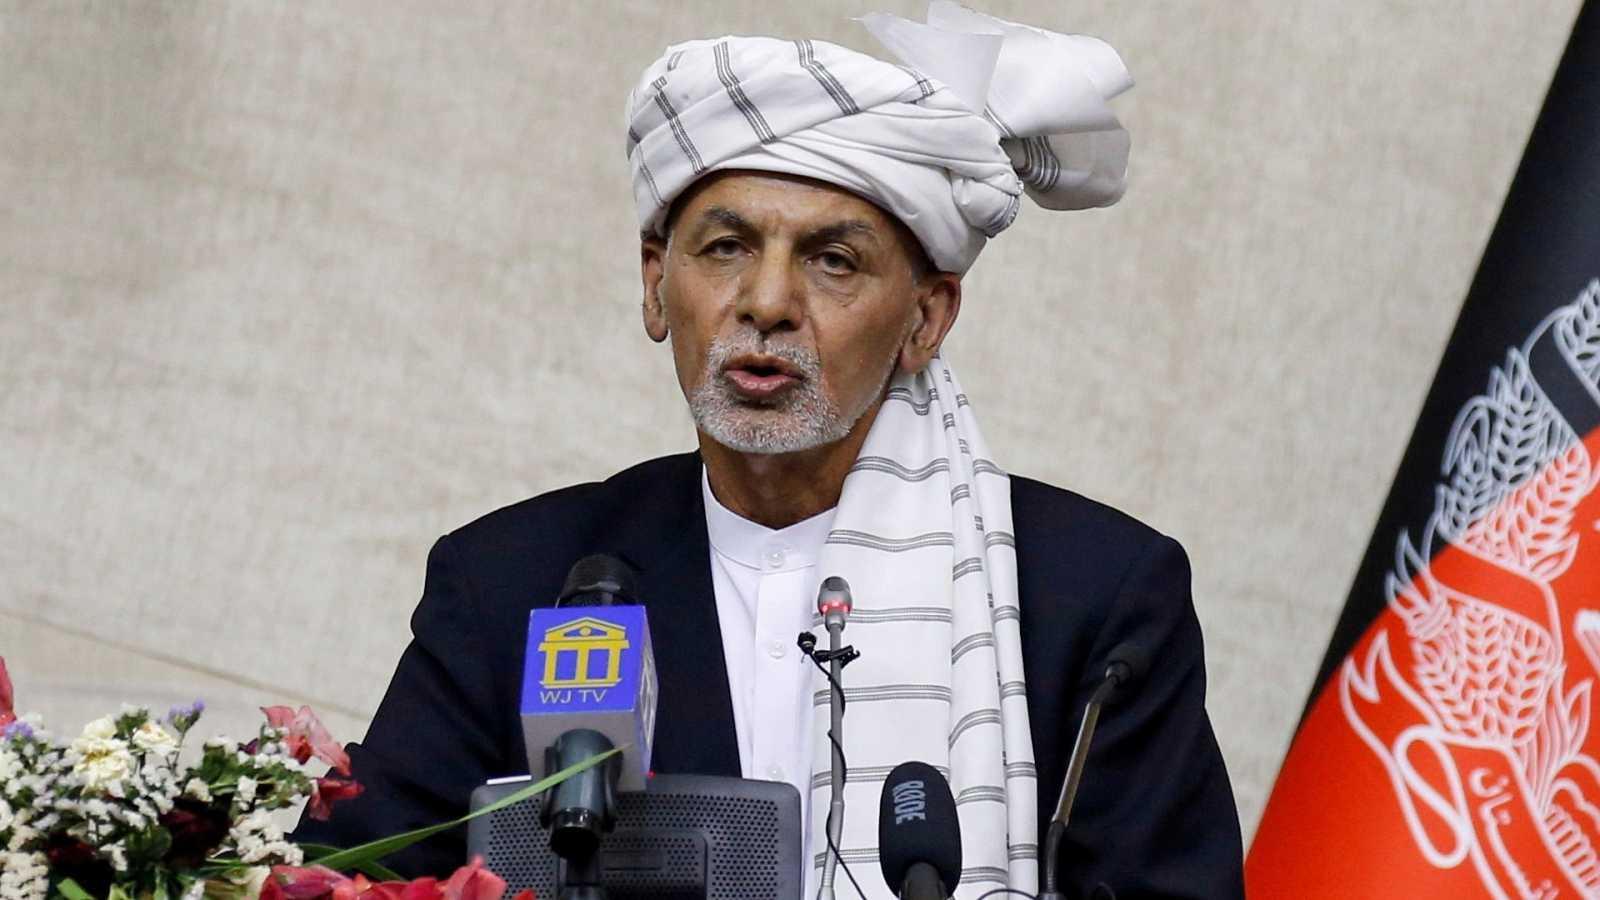 El presidente de Afganistán abandona el país ante el asedio talibán a Kabul